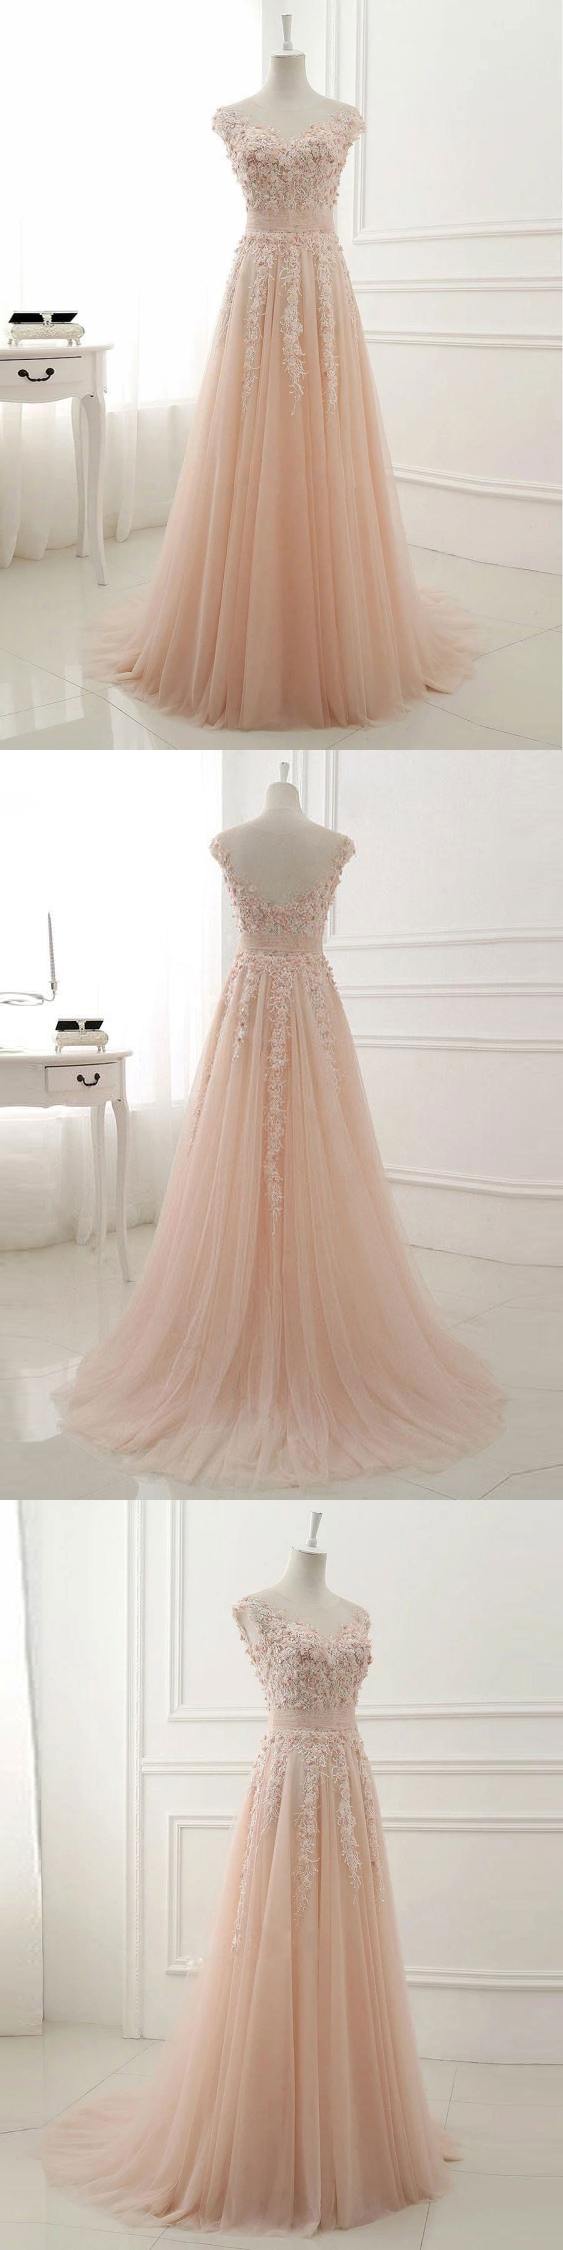 A-line Lace Appliqued Illusion Neck Long Simple Prom Dresses APD3020